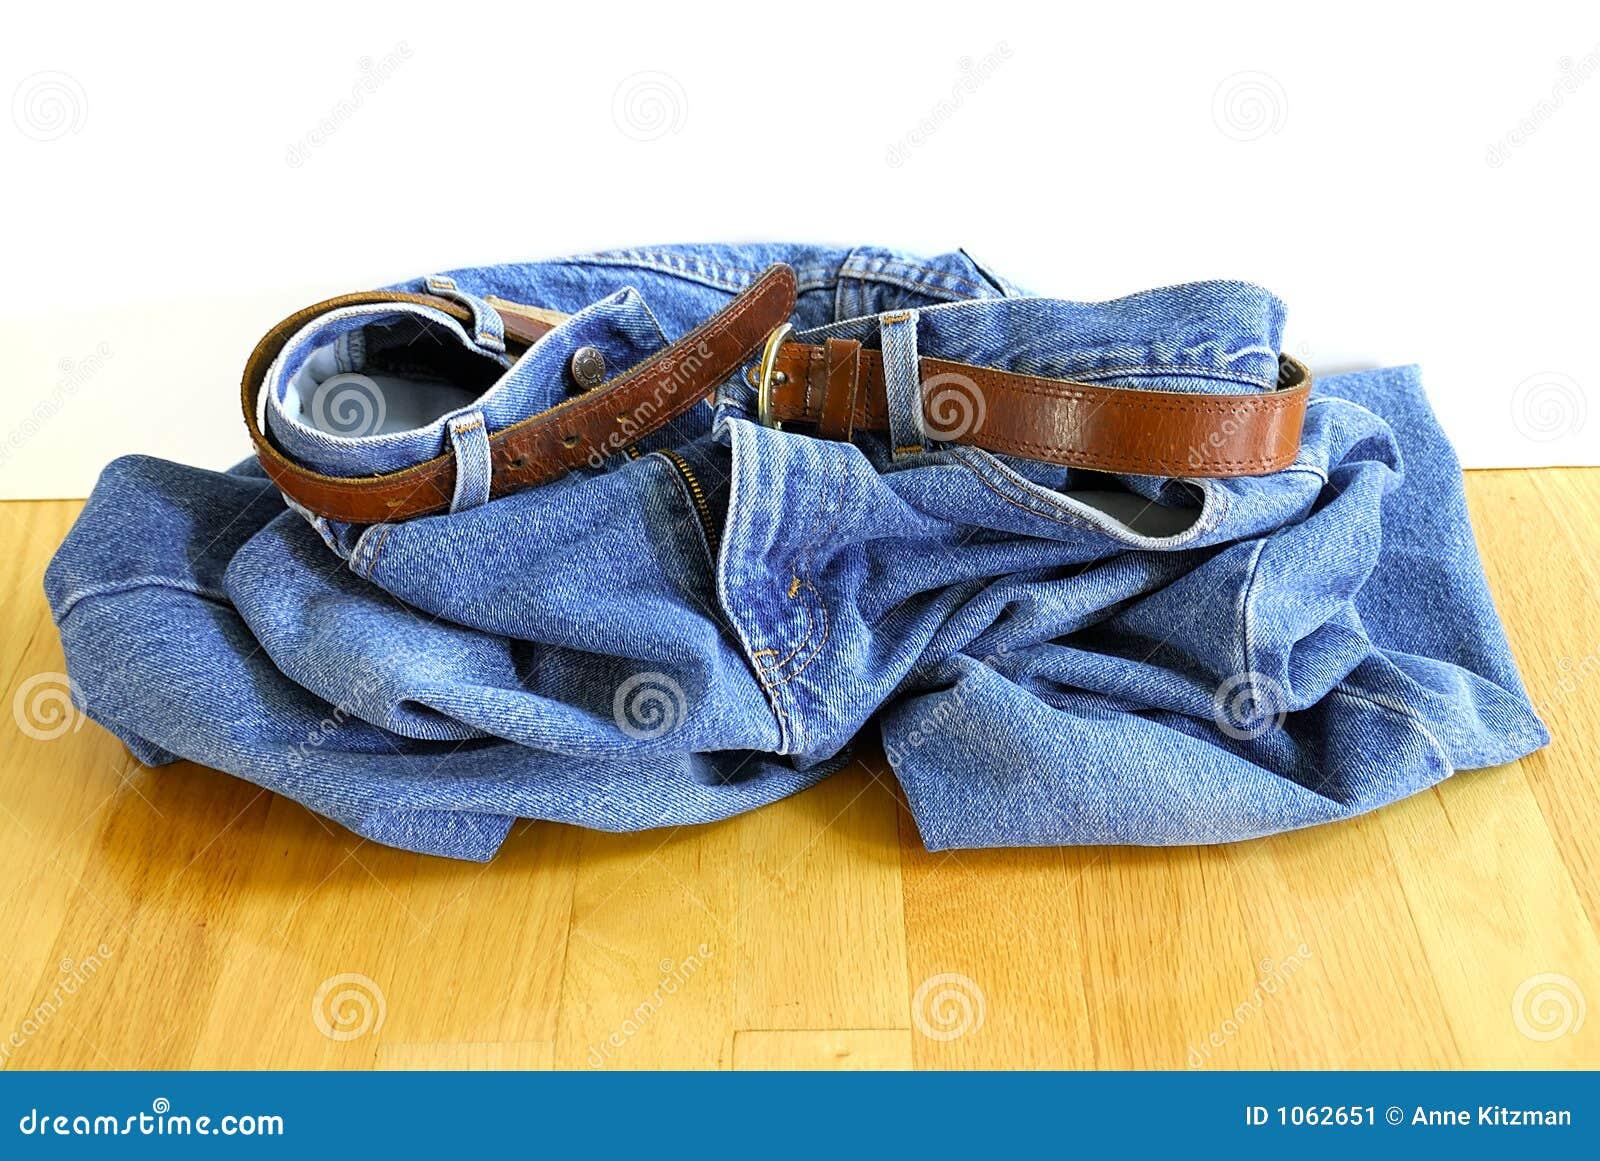 Deixe cair suas calças de brim